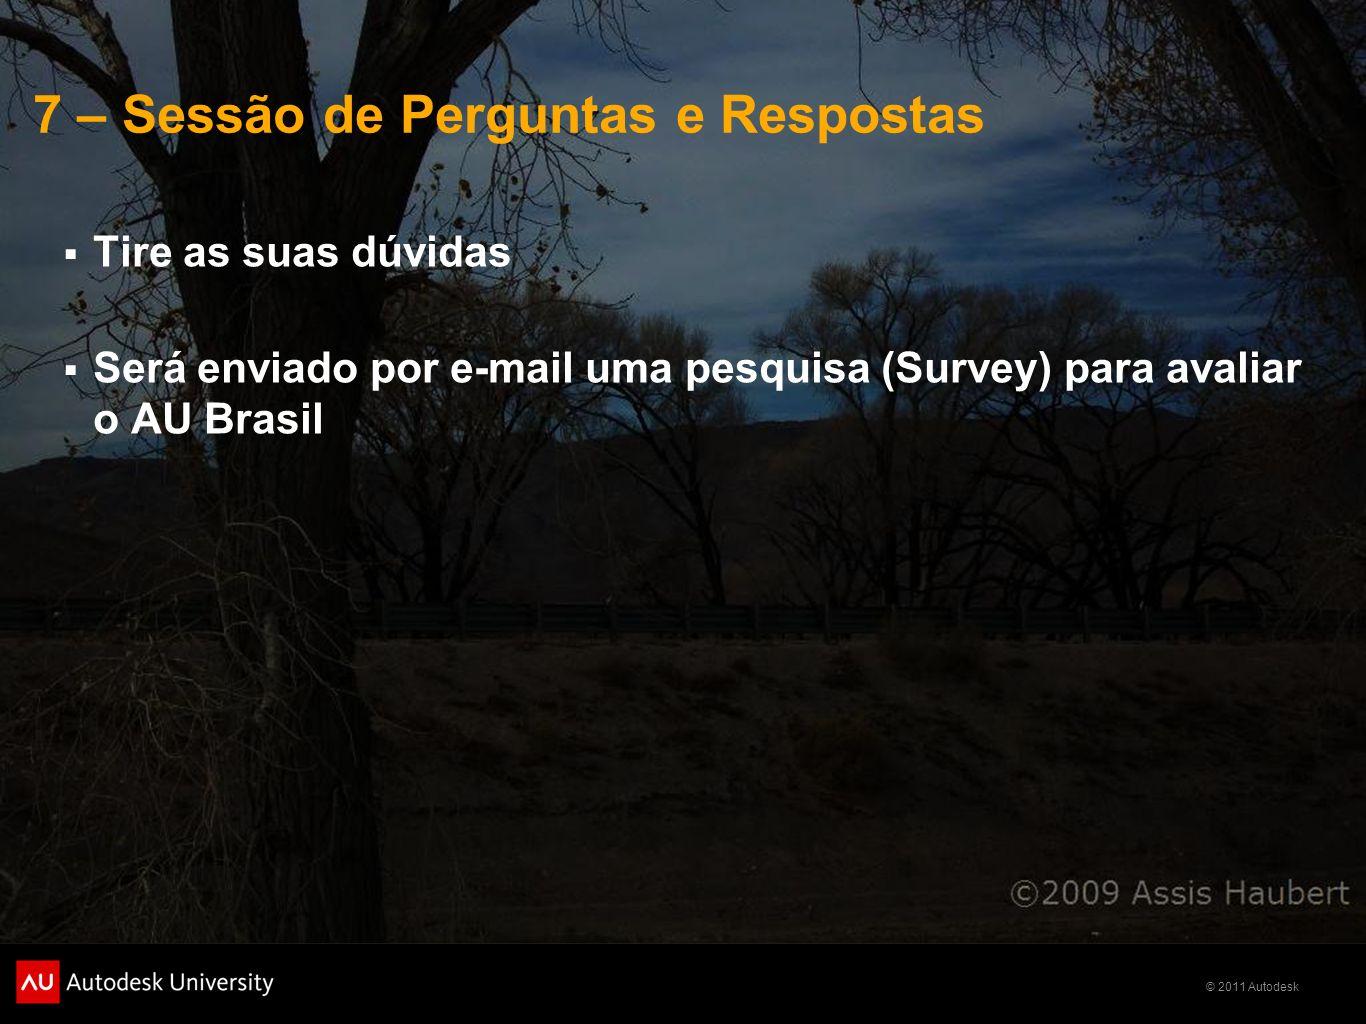 © 2011 Autodesk 7 – Sessão de Perguntas e Respostas Tire as suas dúvidas Será enviado por e-mail uma pesquisa (Survey) para avaliar o AU Brasil